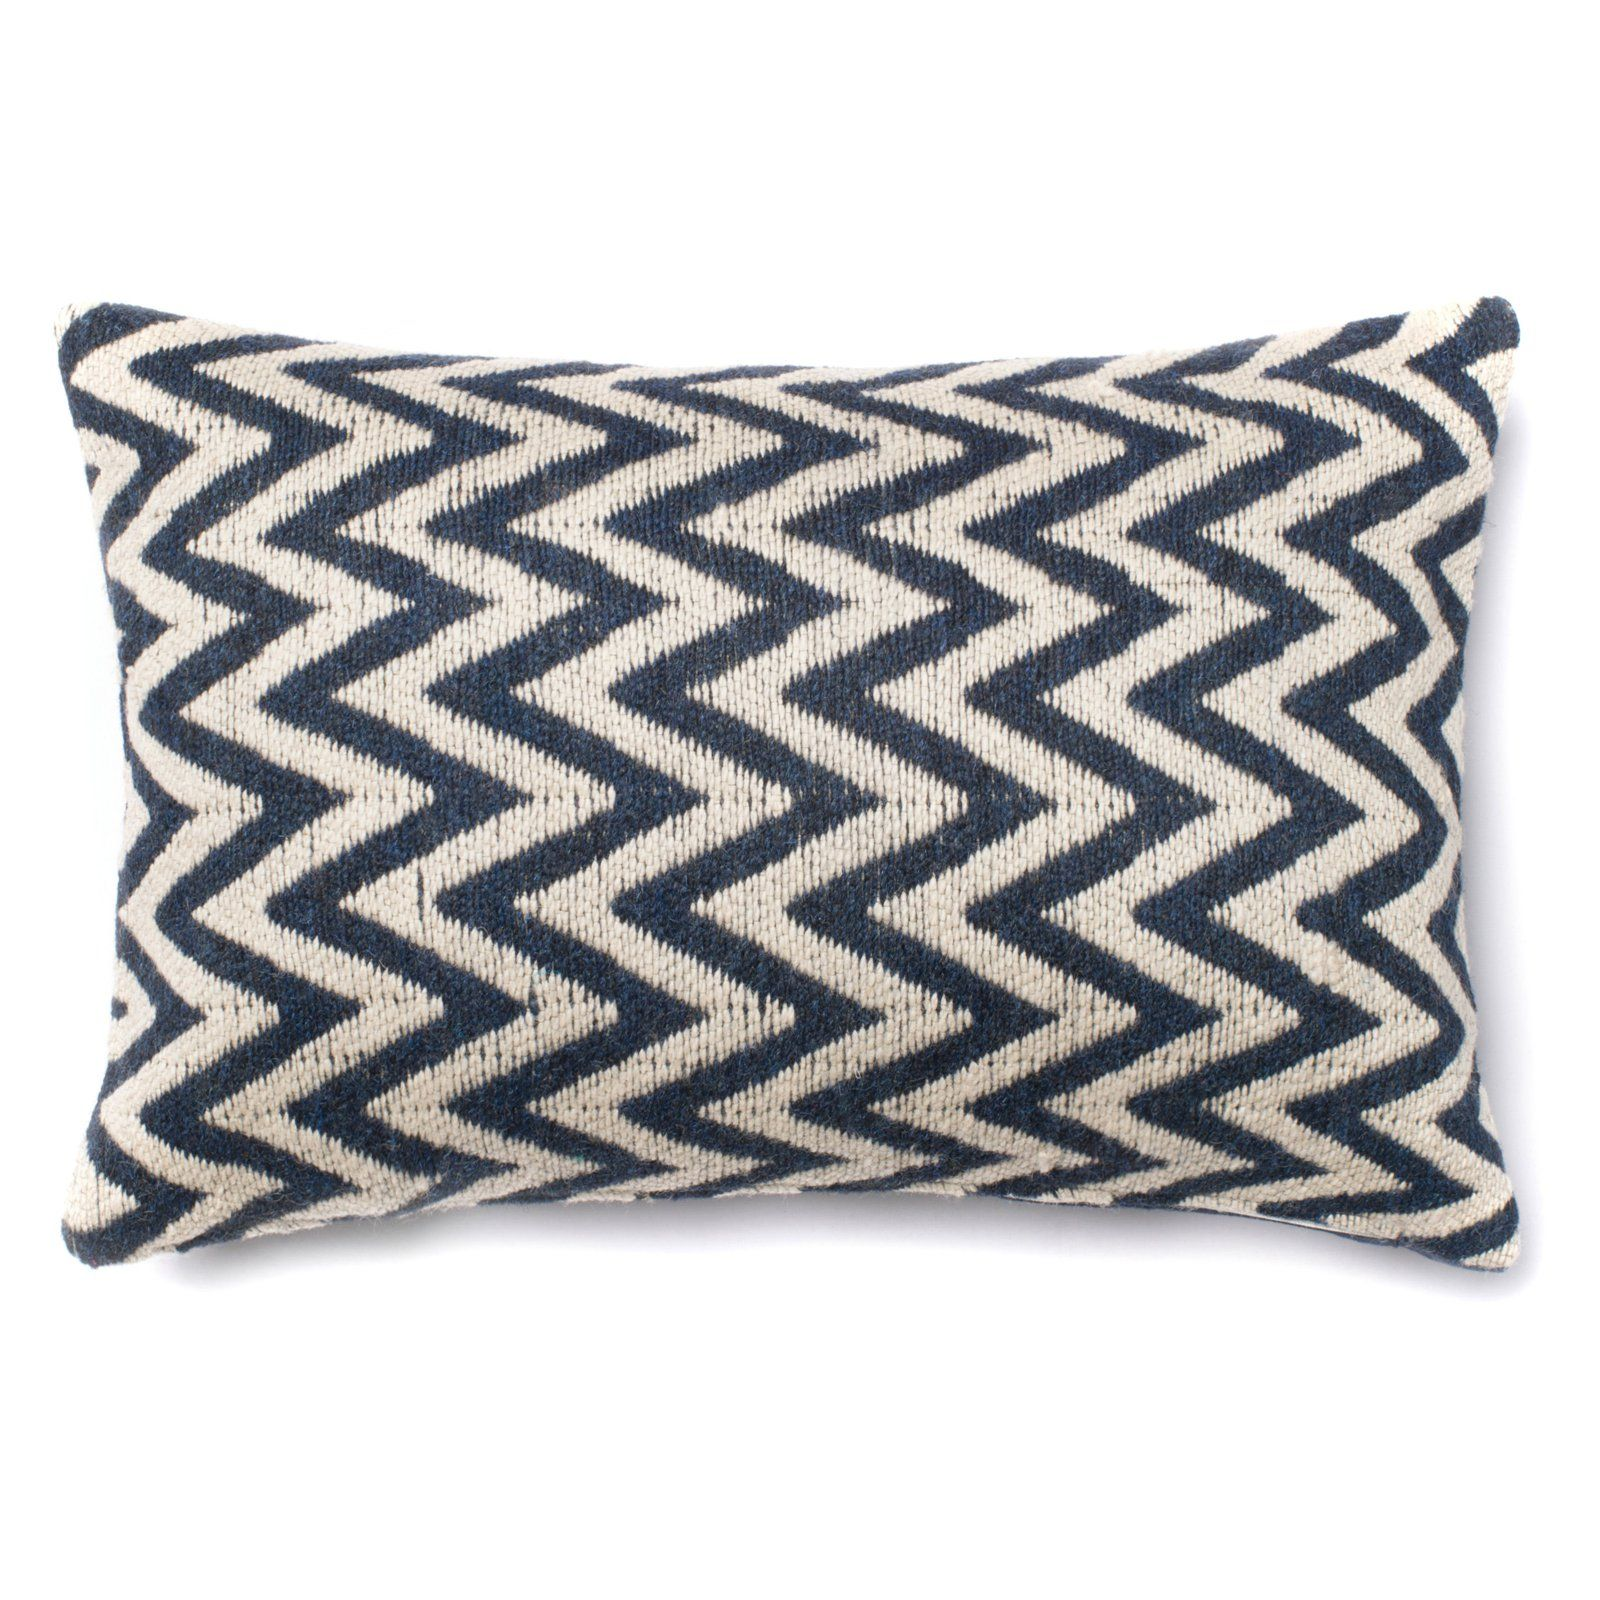 Loloi P0244 Rectangular Decorative Pillow Polyester Fill Throw